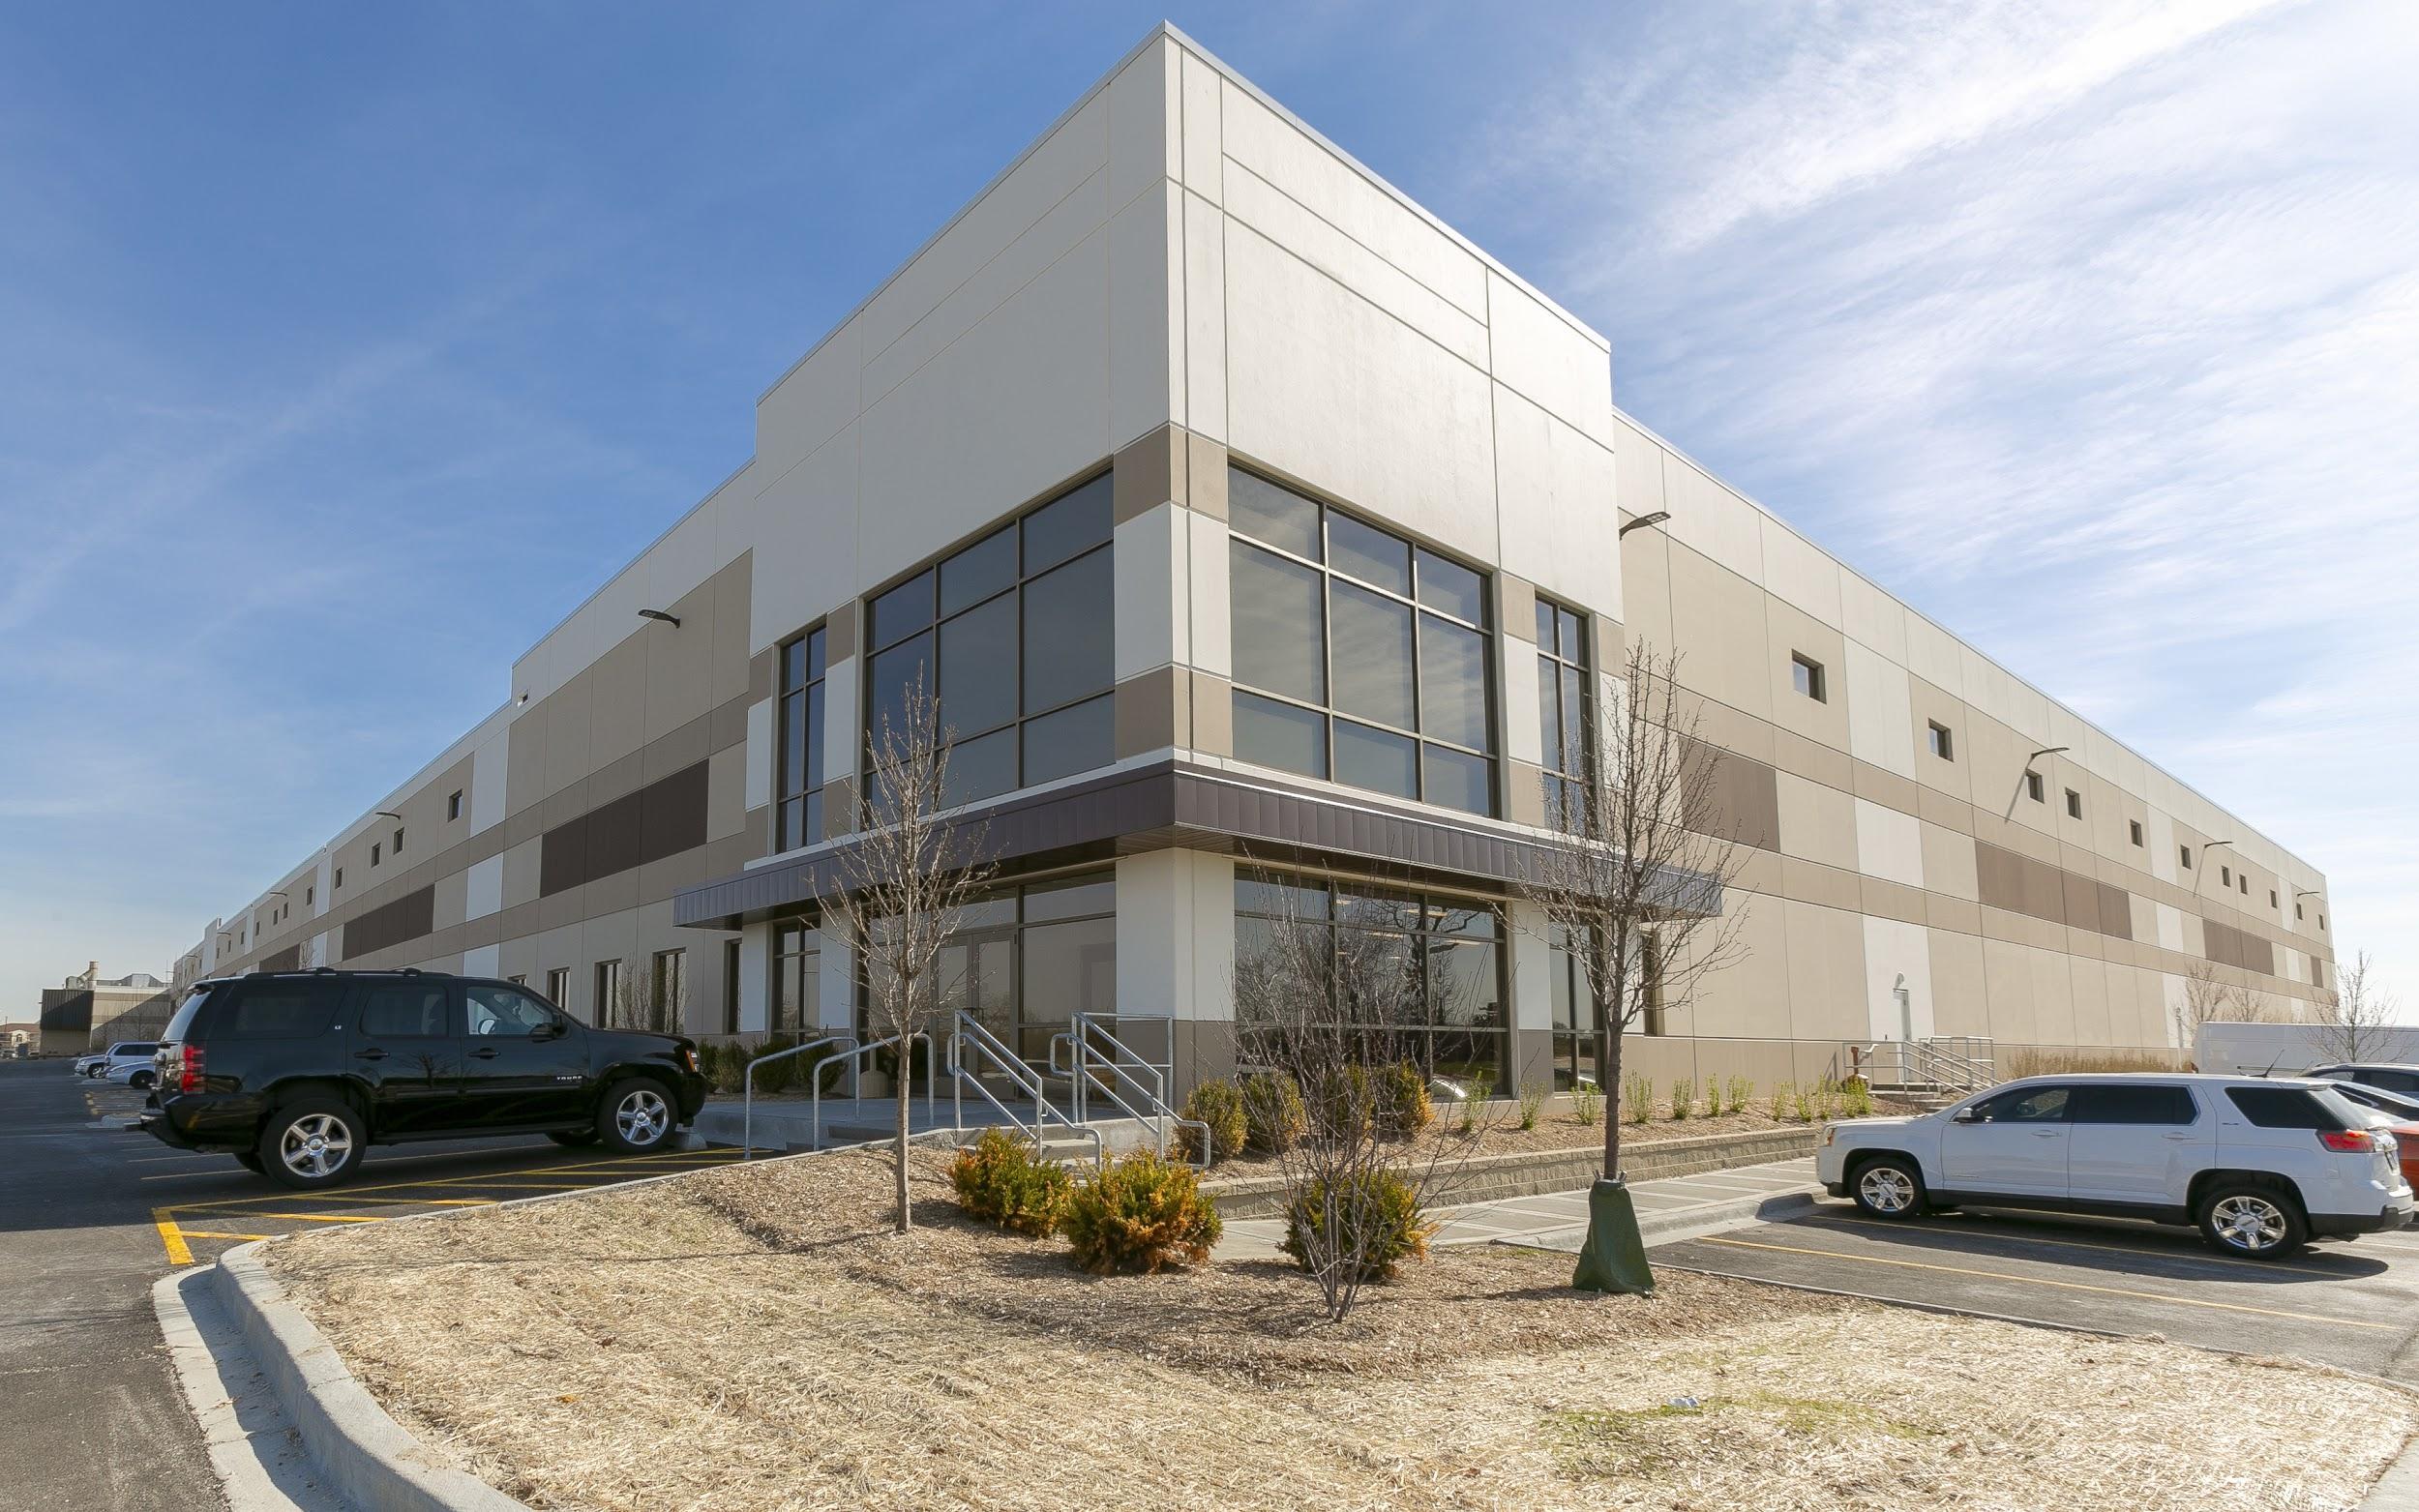 Premier Design Build Group Llc Completes Build To Suit Warehouse